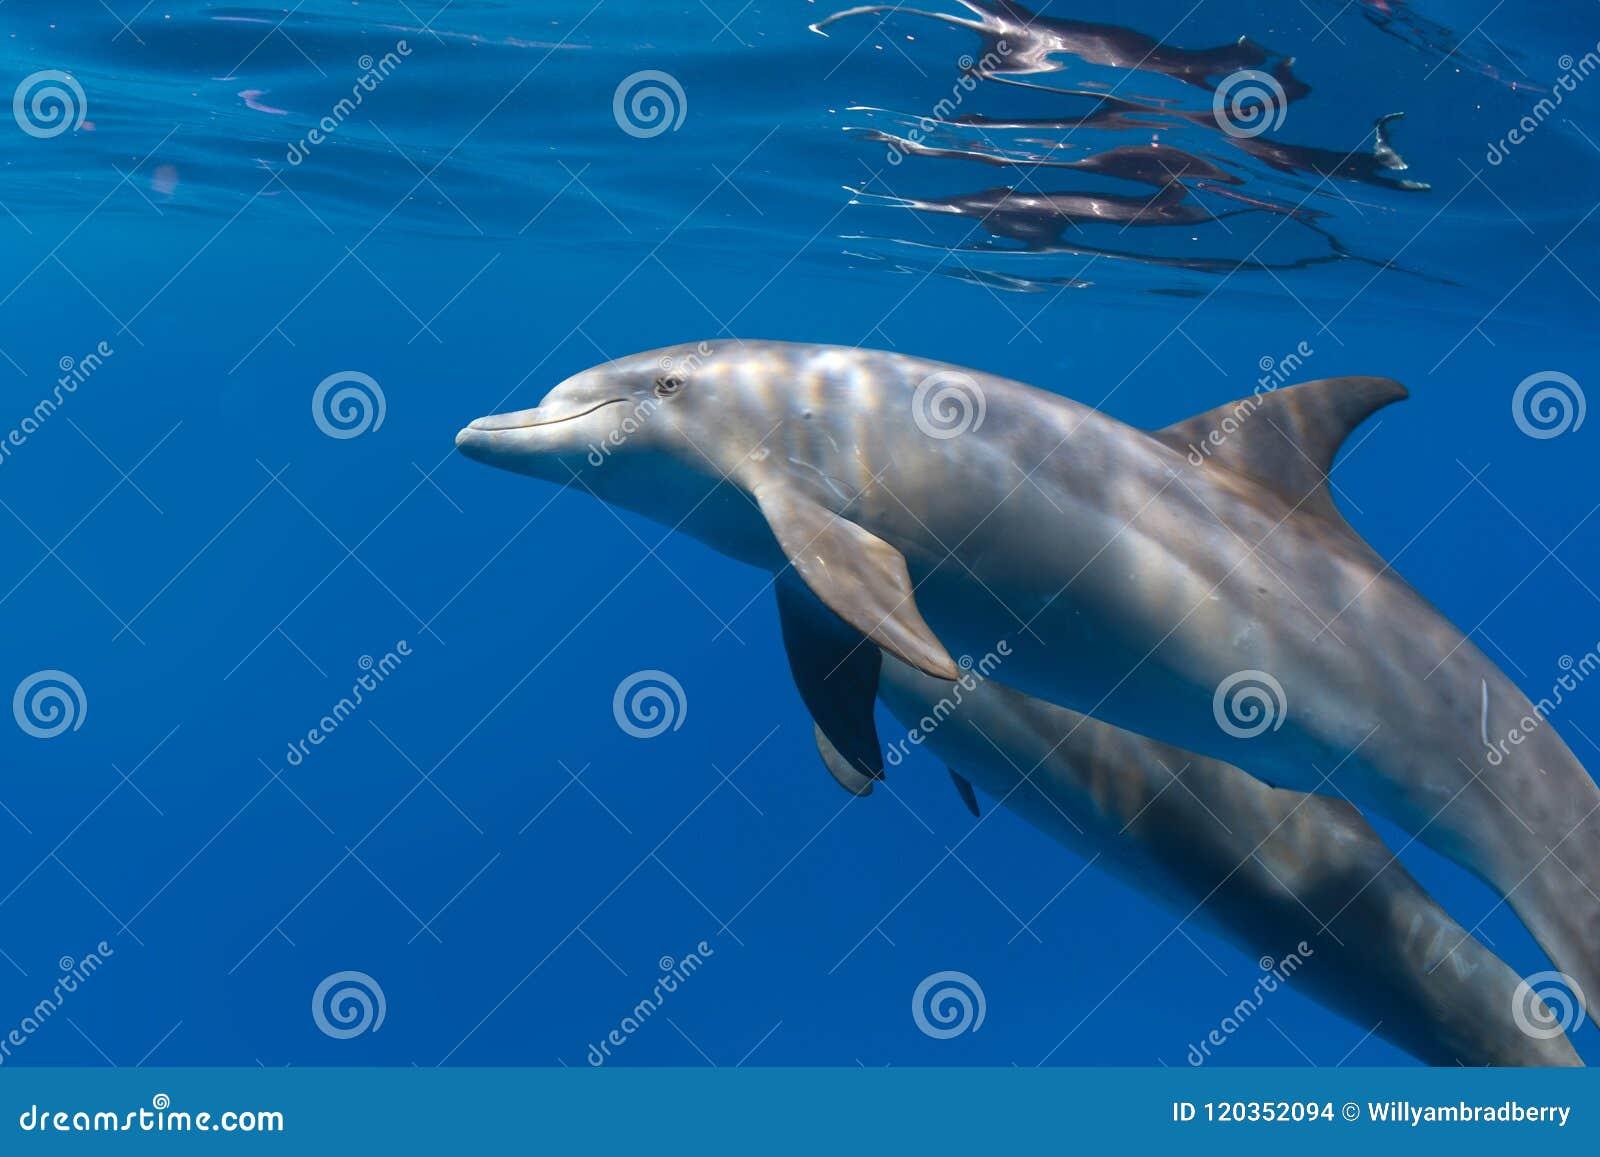 Tiro subacuático del primer de los delfínes en azul